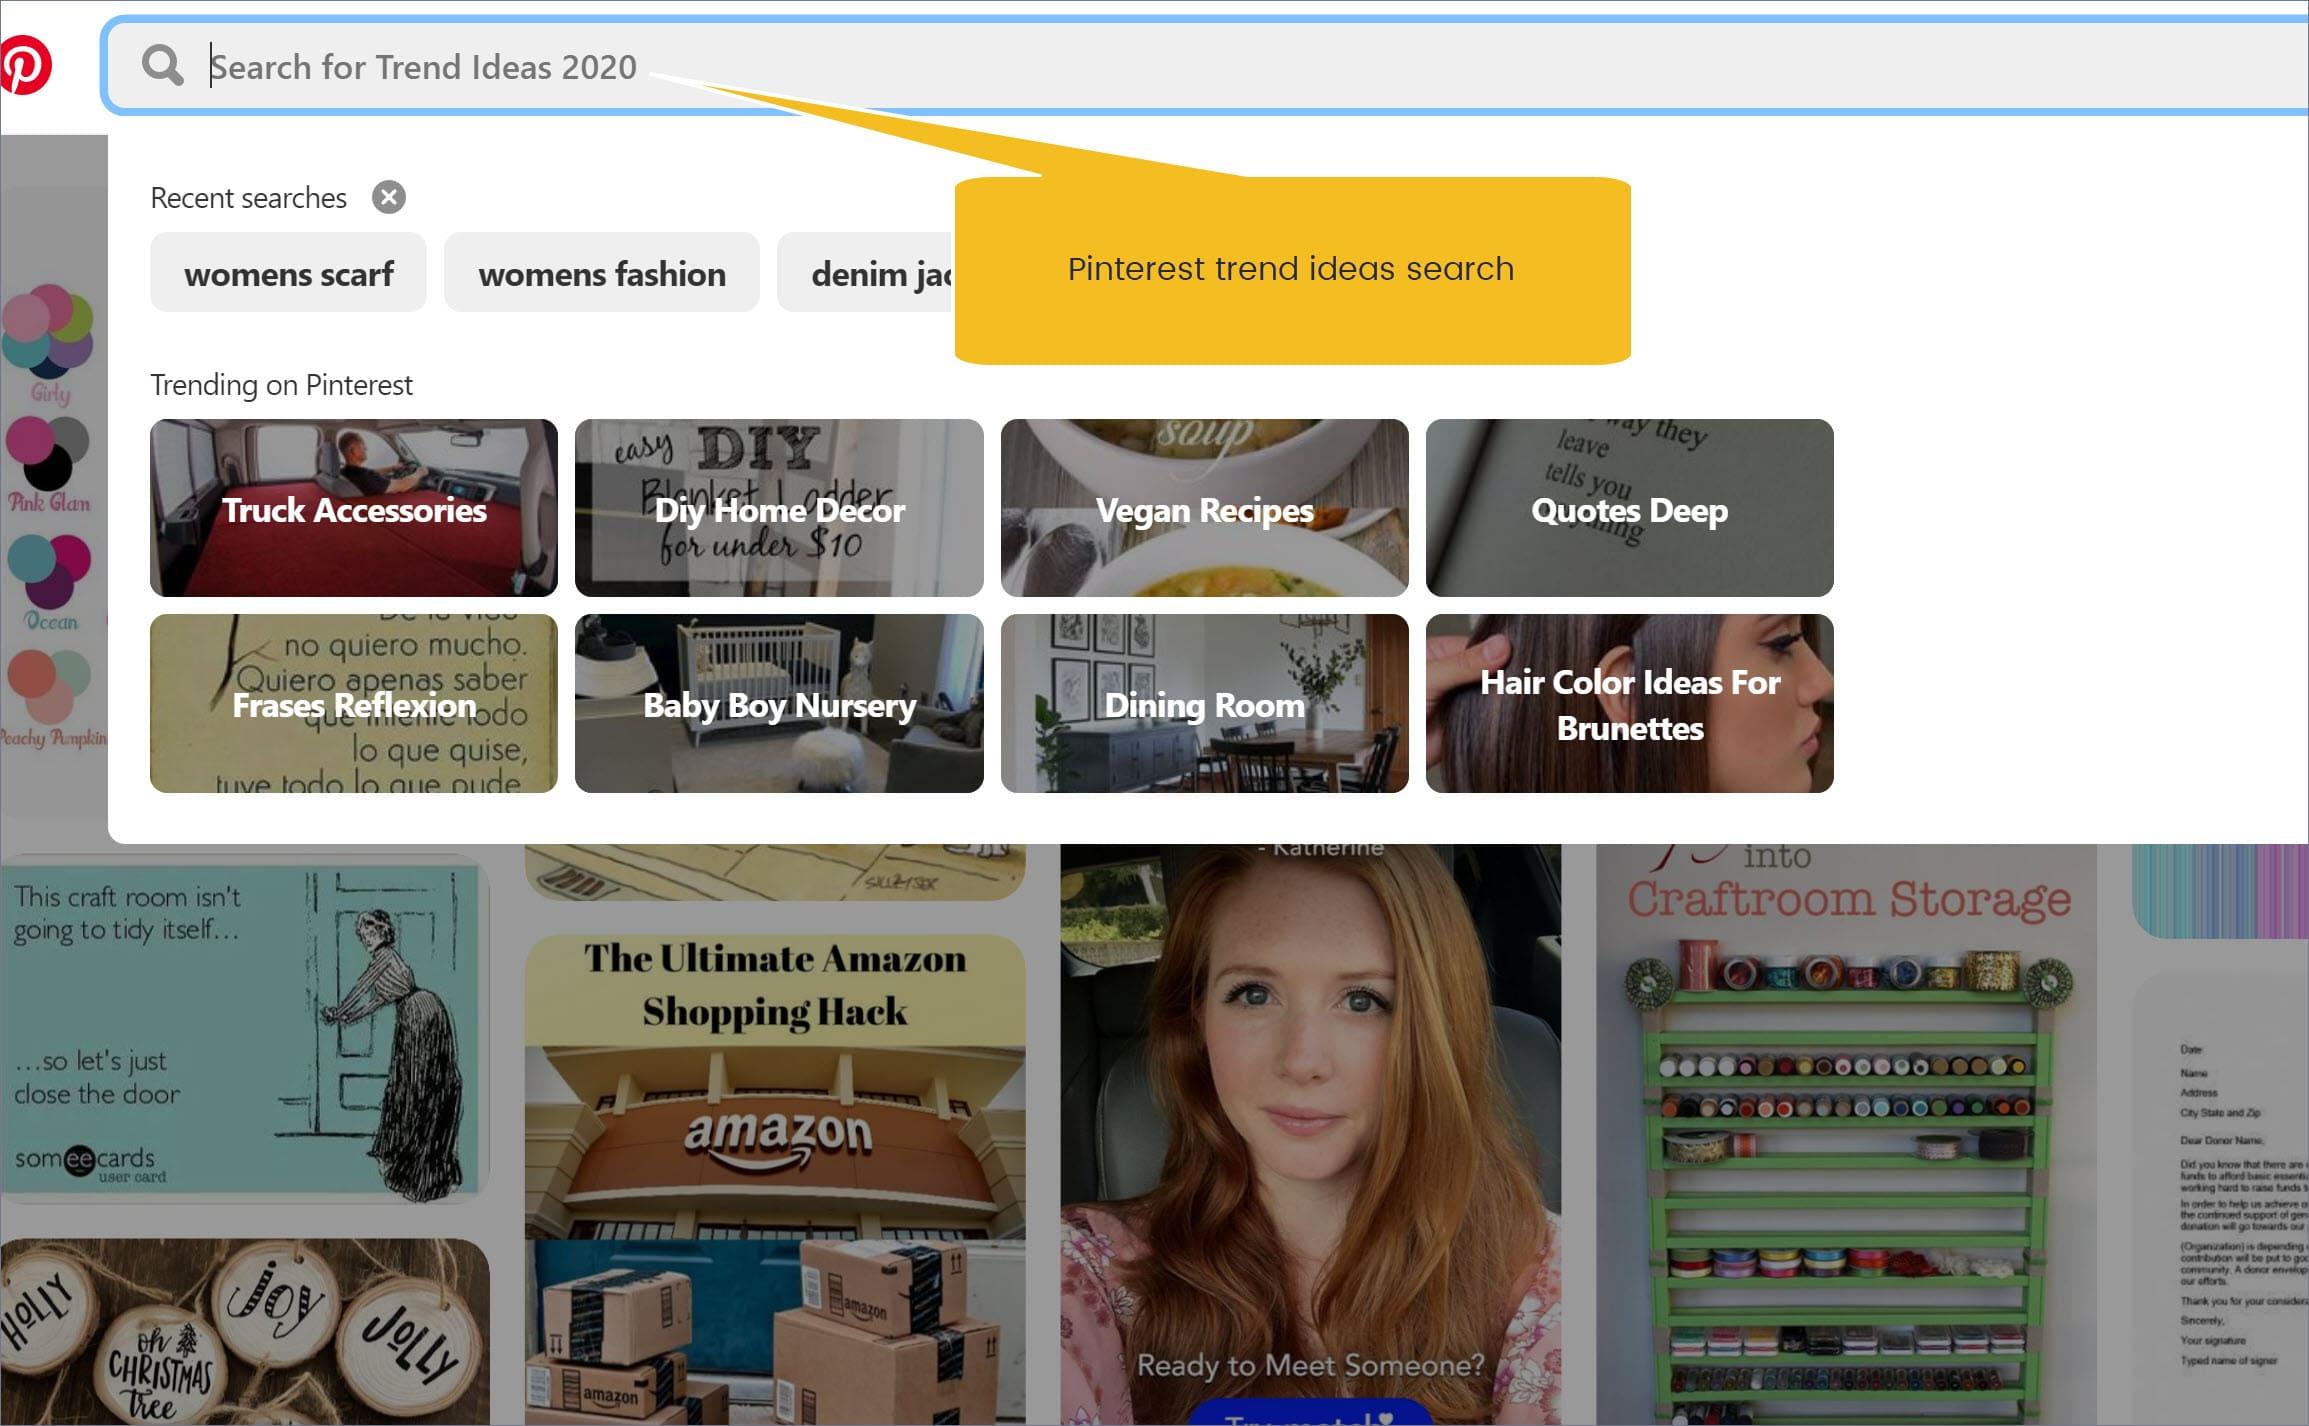 Blog topic search idea